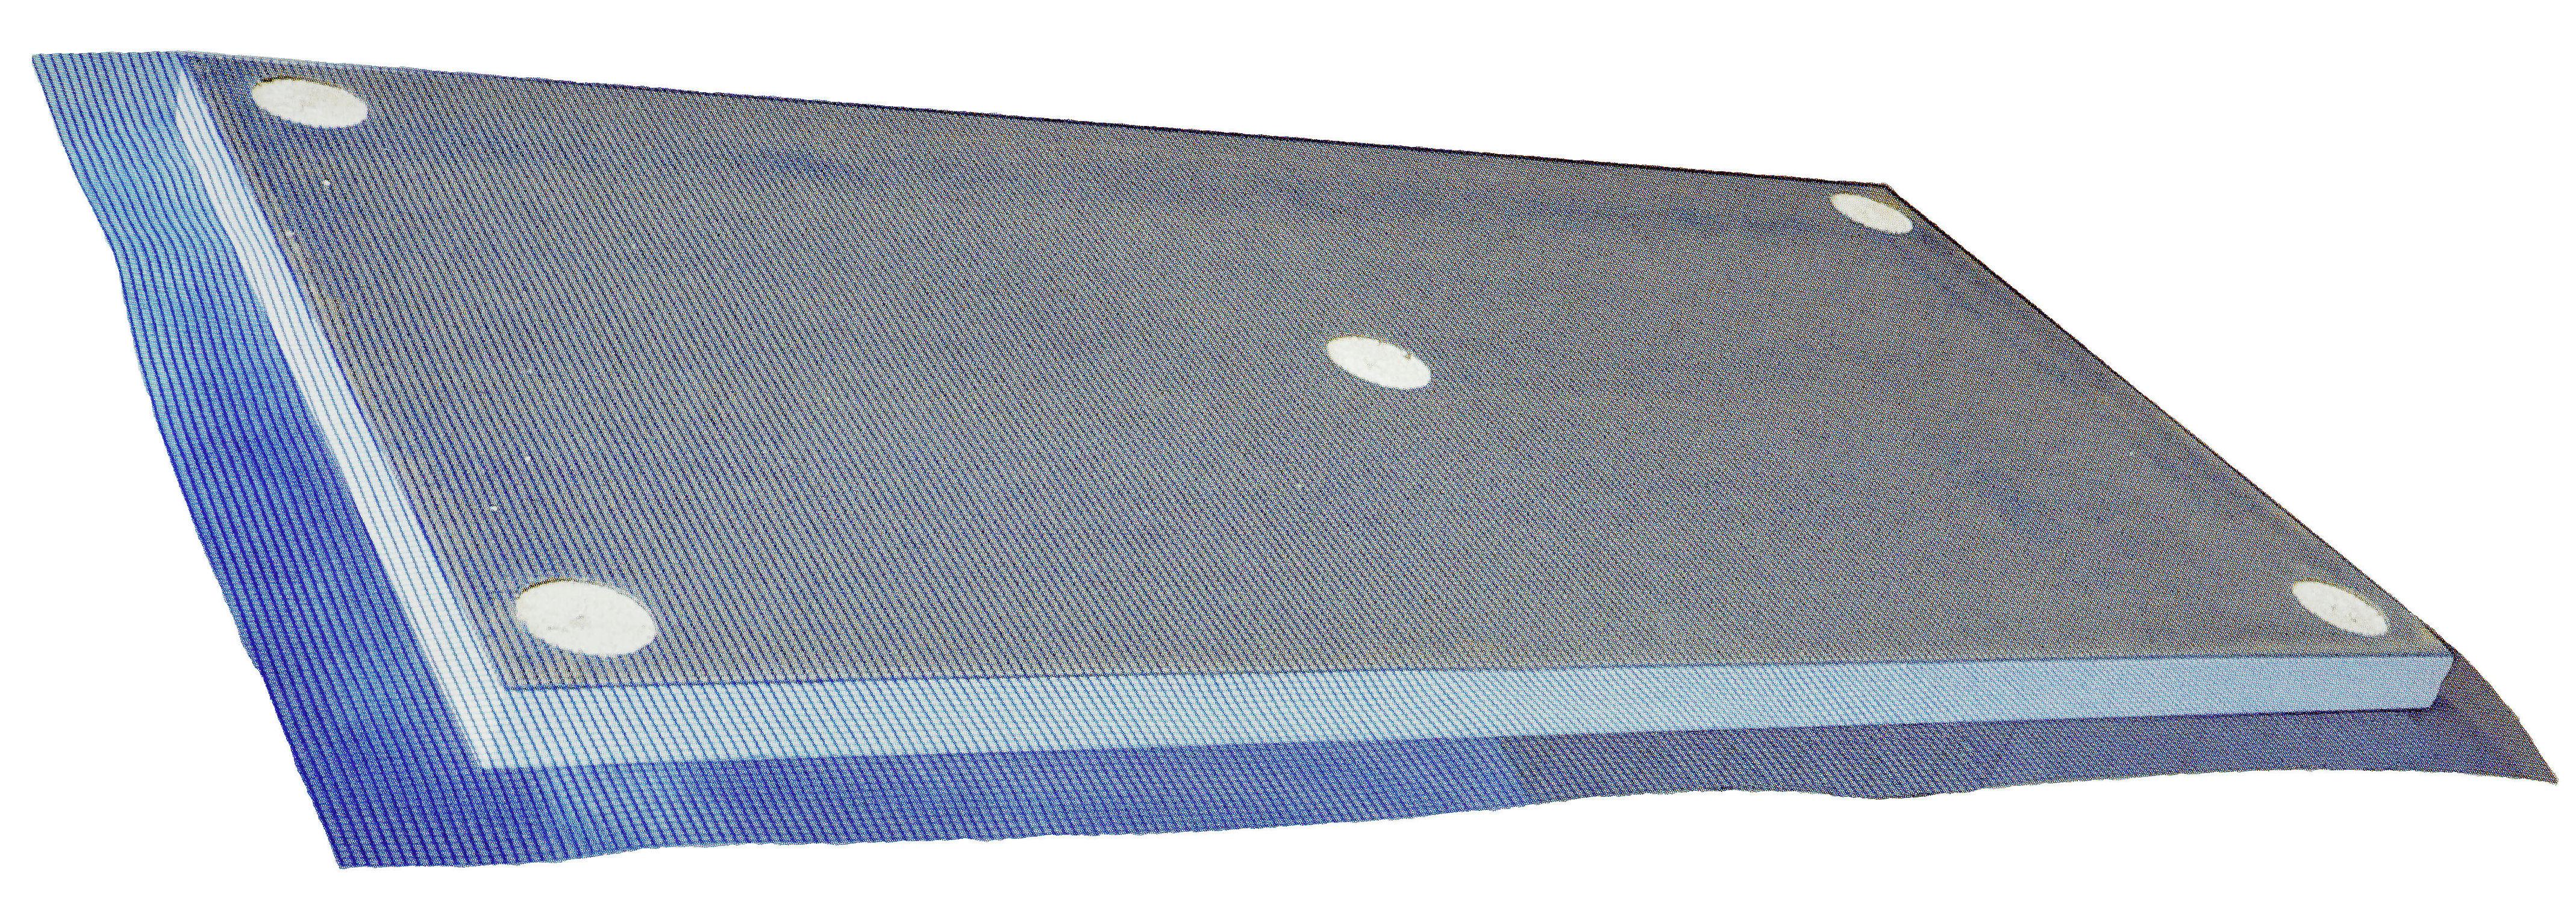 isolant thermique en polystyrène expansé pse pour mur de